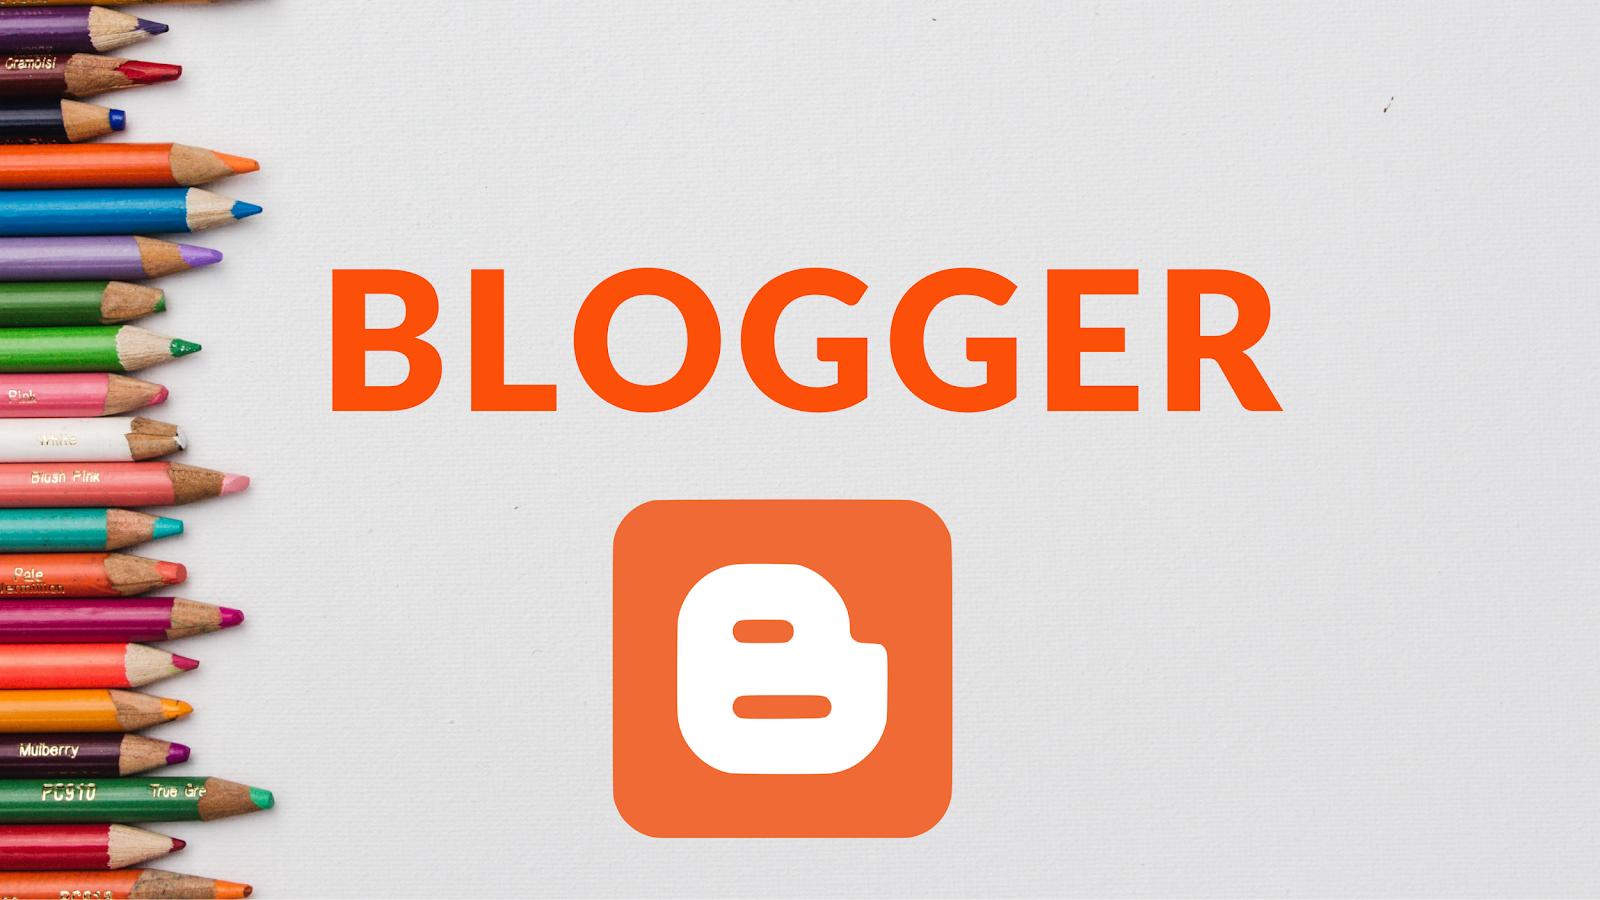 Cách tạo web cá nhân trên Google miễn phí bằng Blogger